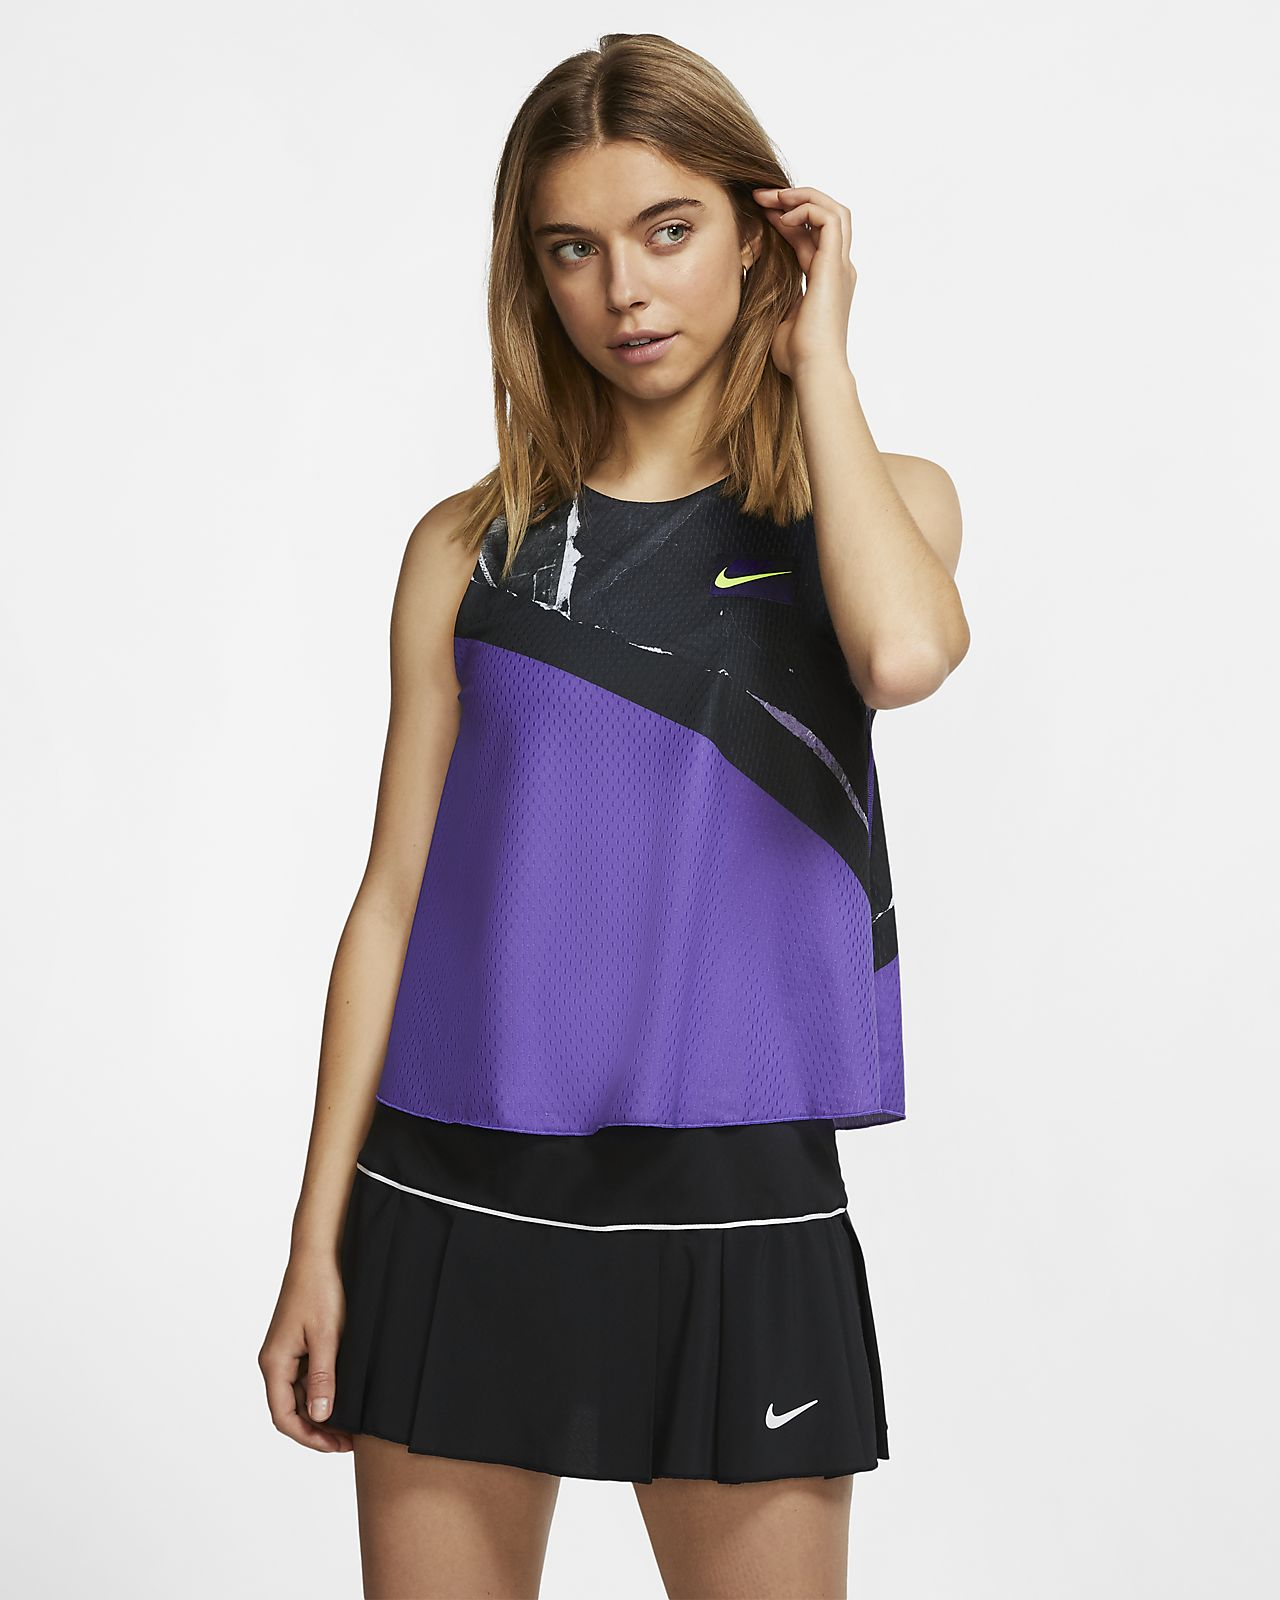 Damska koszulka bez rękawów do tenisa 2 w 1 NikeCourt